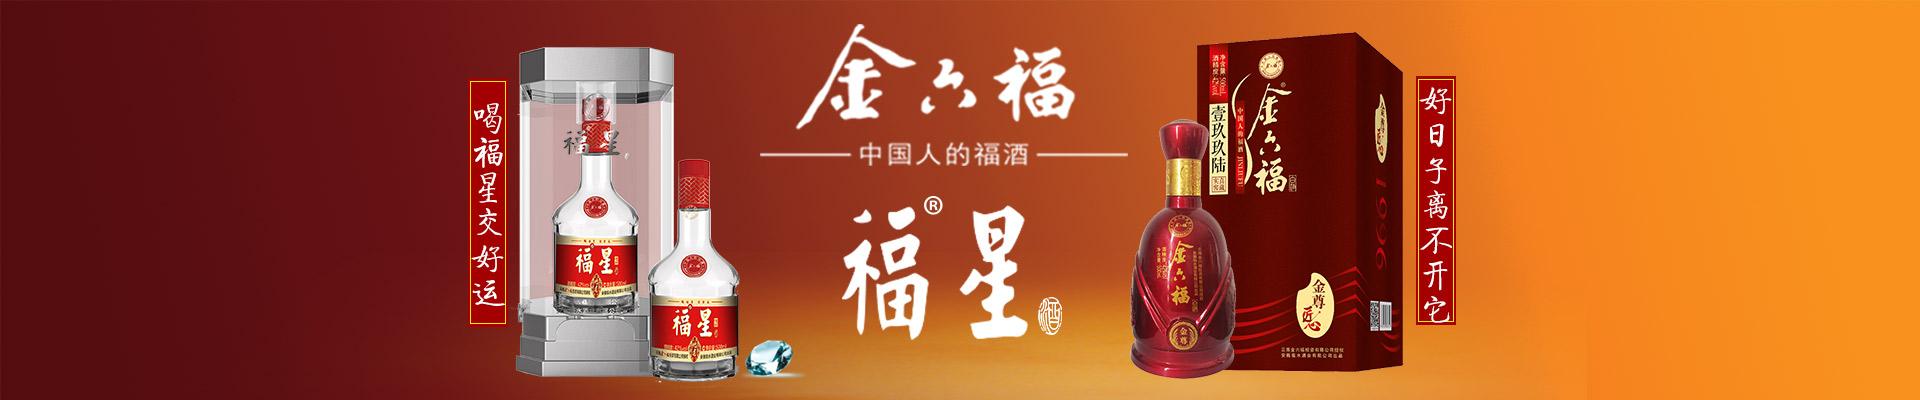 华泽集团金六福尊酒事业部